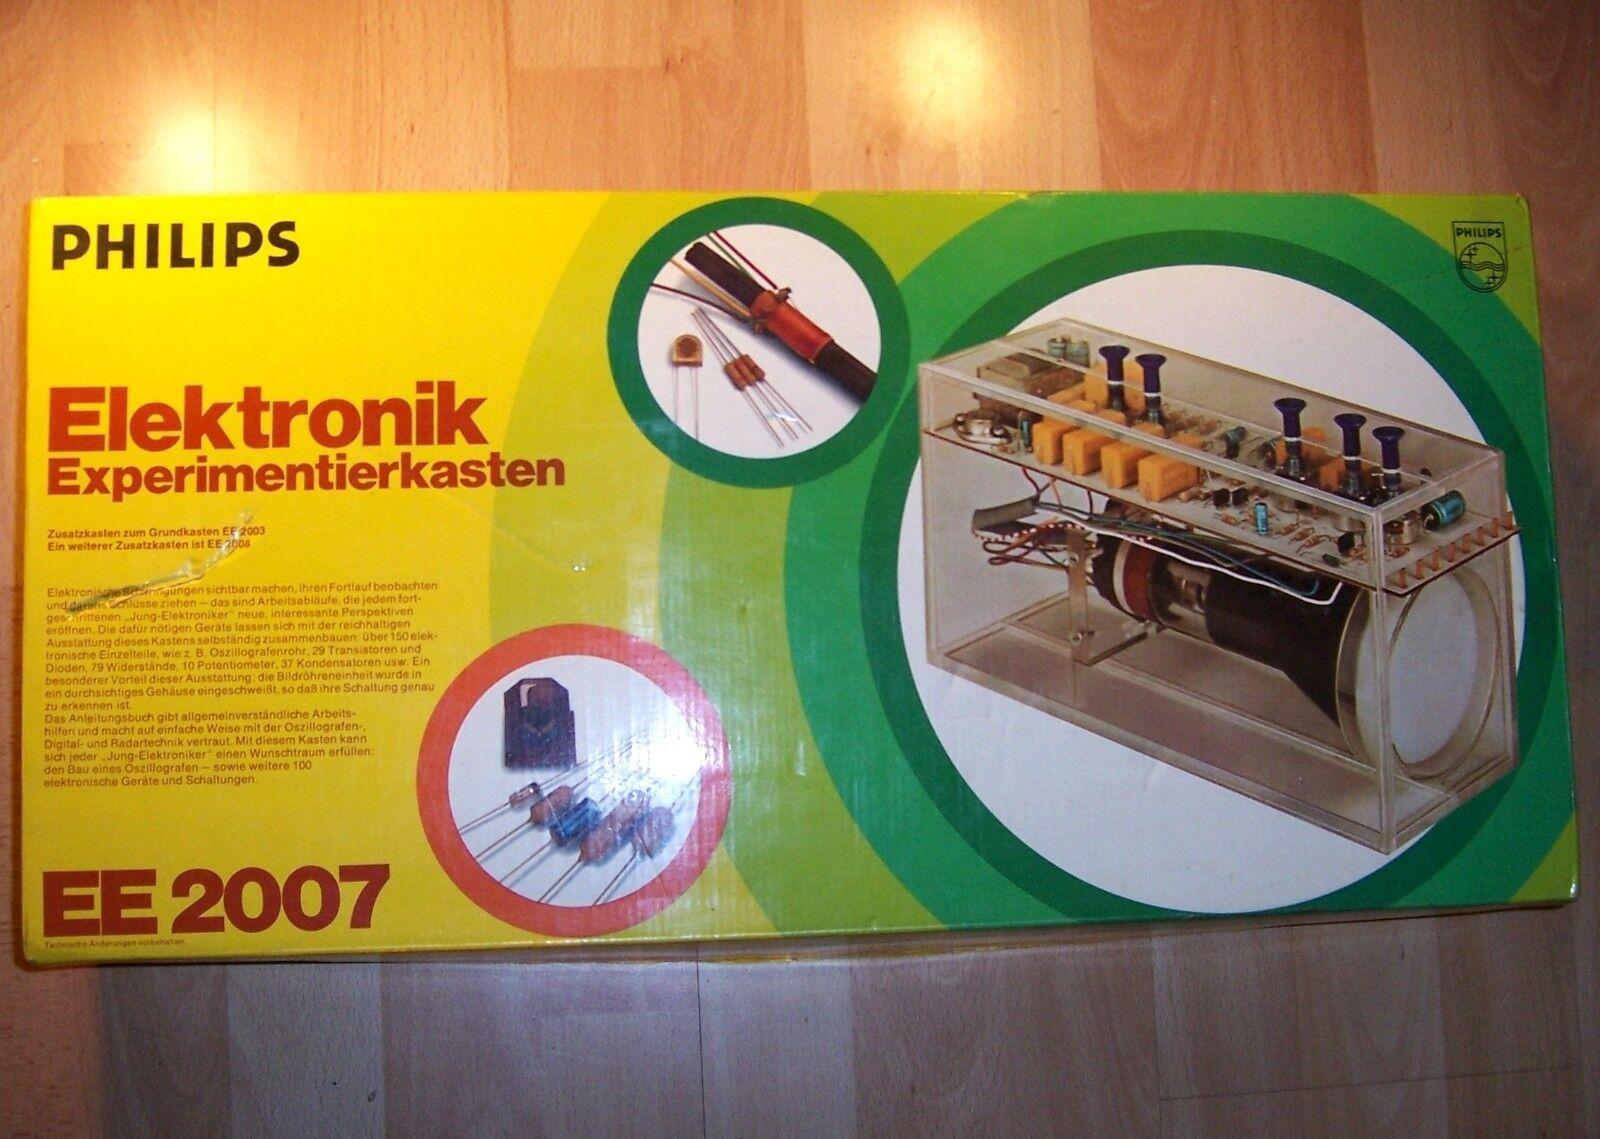 Philips Elektronik Experimentierkasten Experimentierkasten Experimentierkasten EE 2007  mit altes Anleitungsbuch 1975  | Zuverlässiger Ruf  035df8